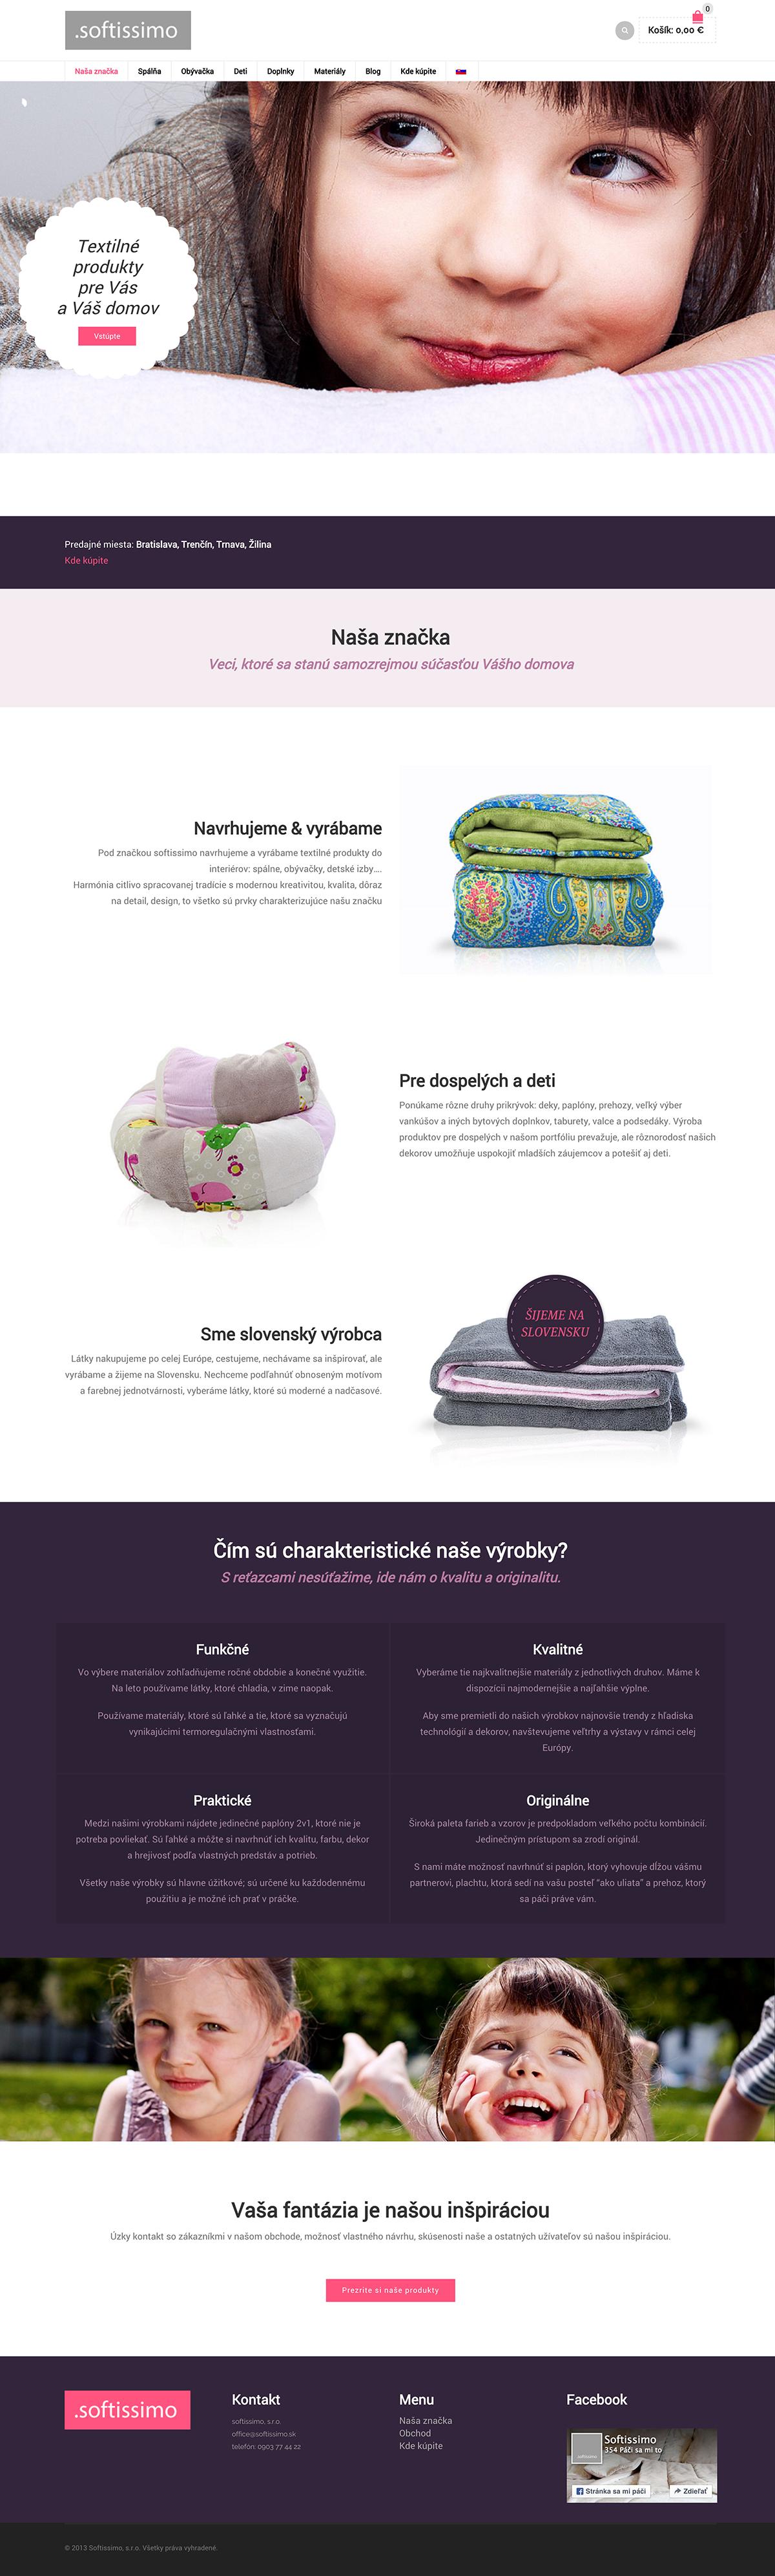 softissimo Textilné produkty pre váš domov copy